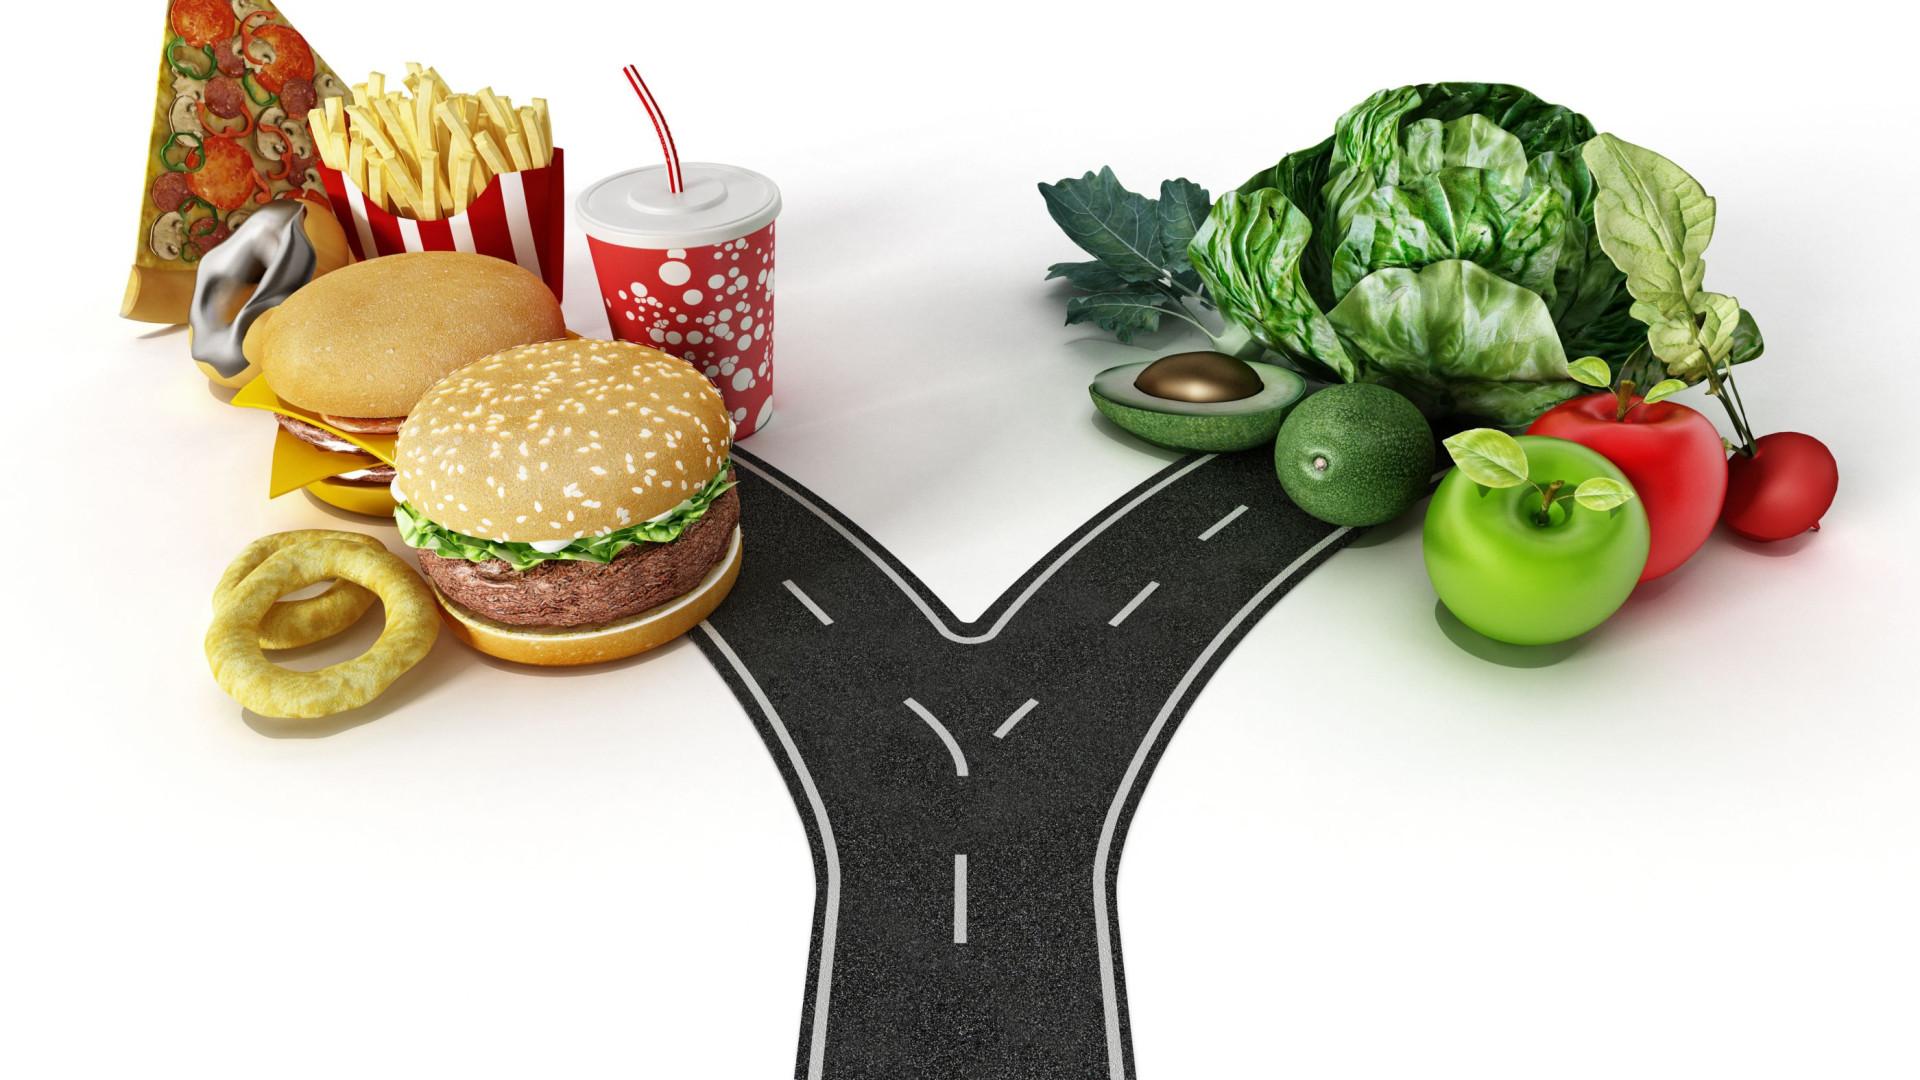 Descubra os alimentos 'amigos' e 'inimigos' do colesterol